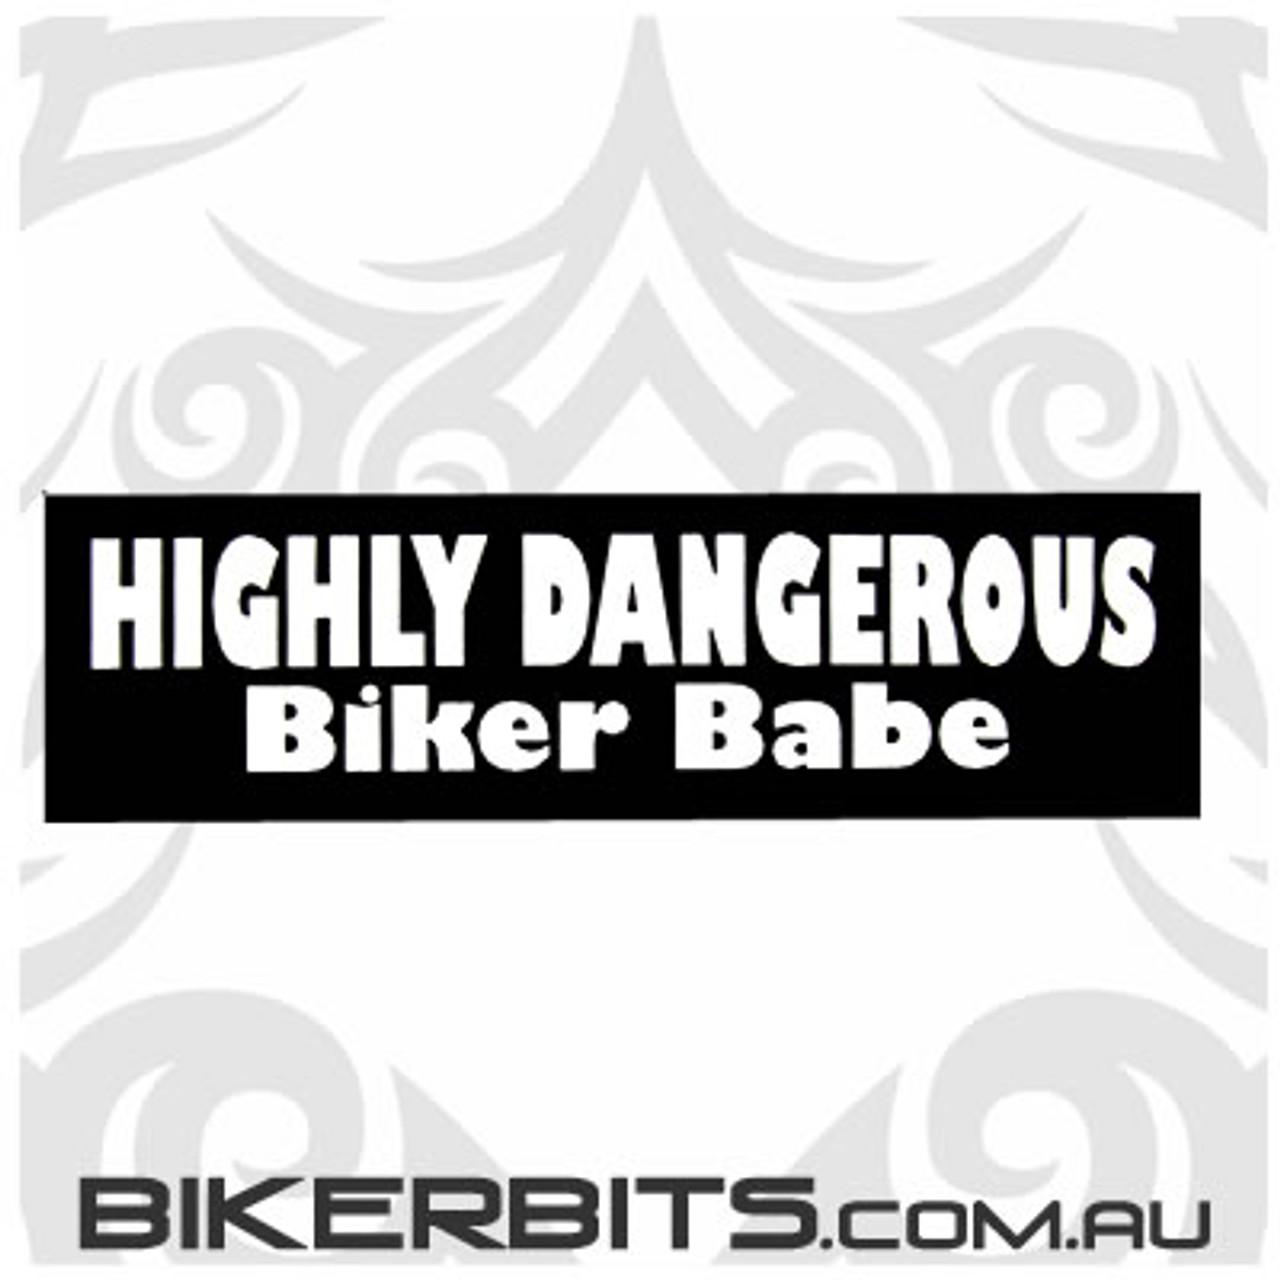 Helmet Sticker - Highly Dangerous Biker Babe